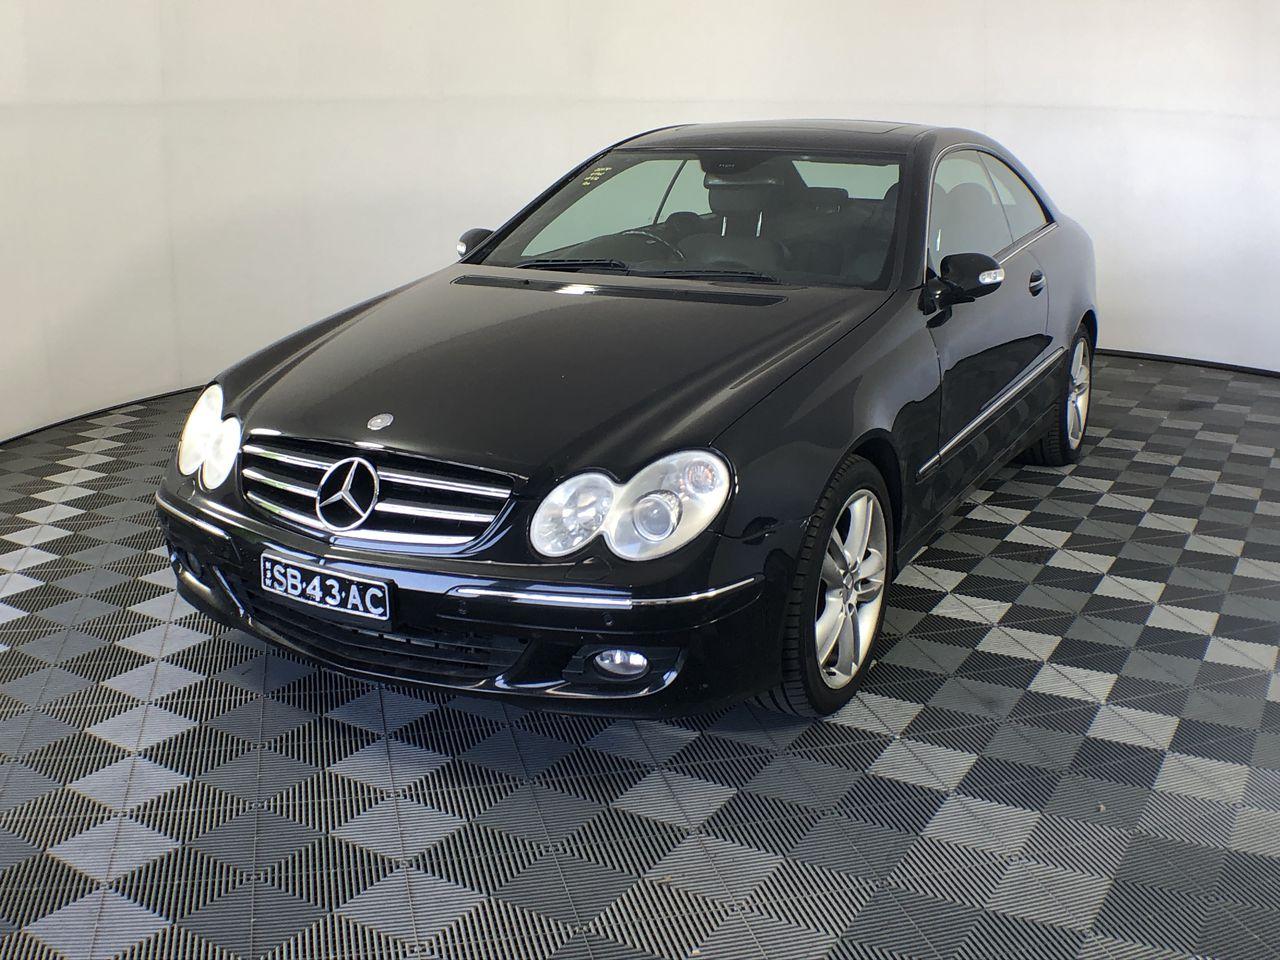 2005 Mercedes Benz CLK350 Avantgarde C209 Automatic Coupe (WOVR)